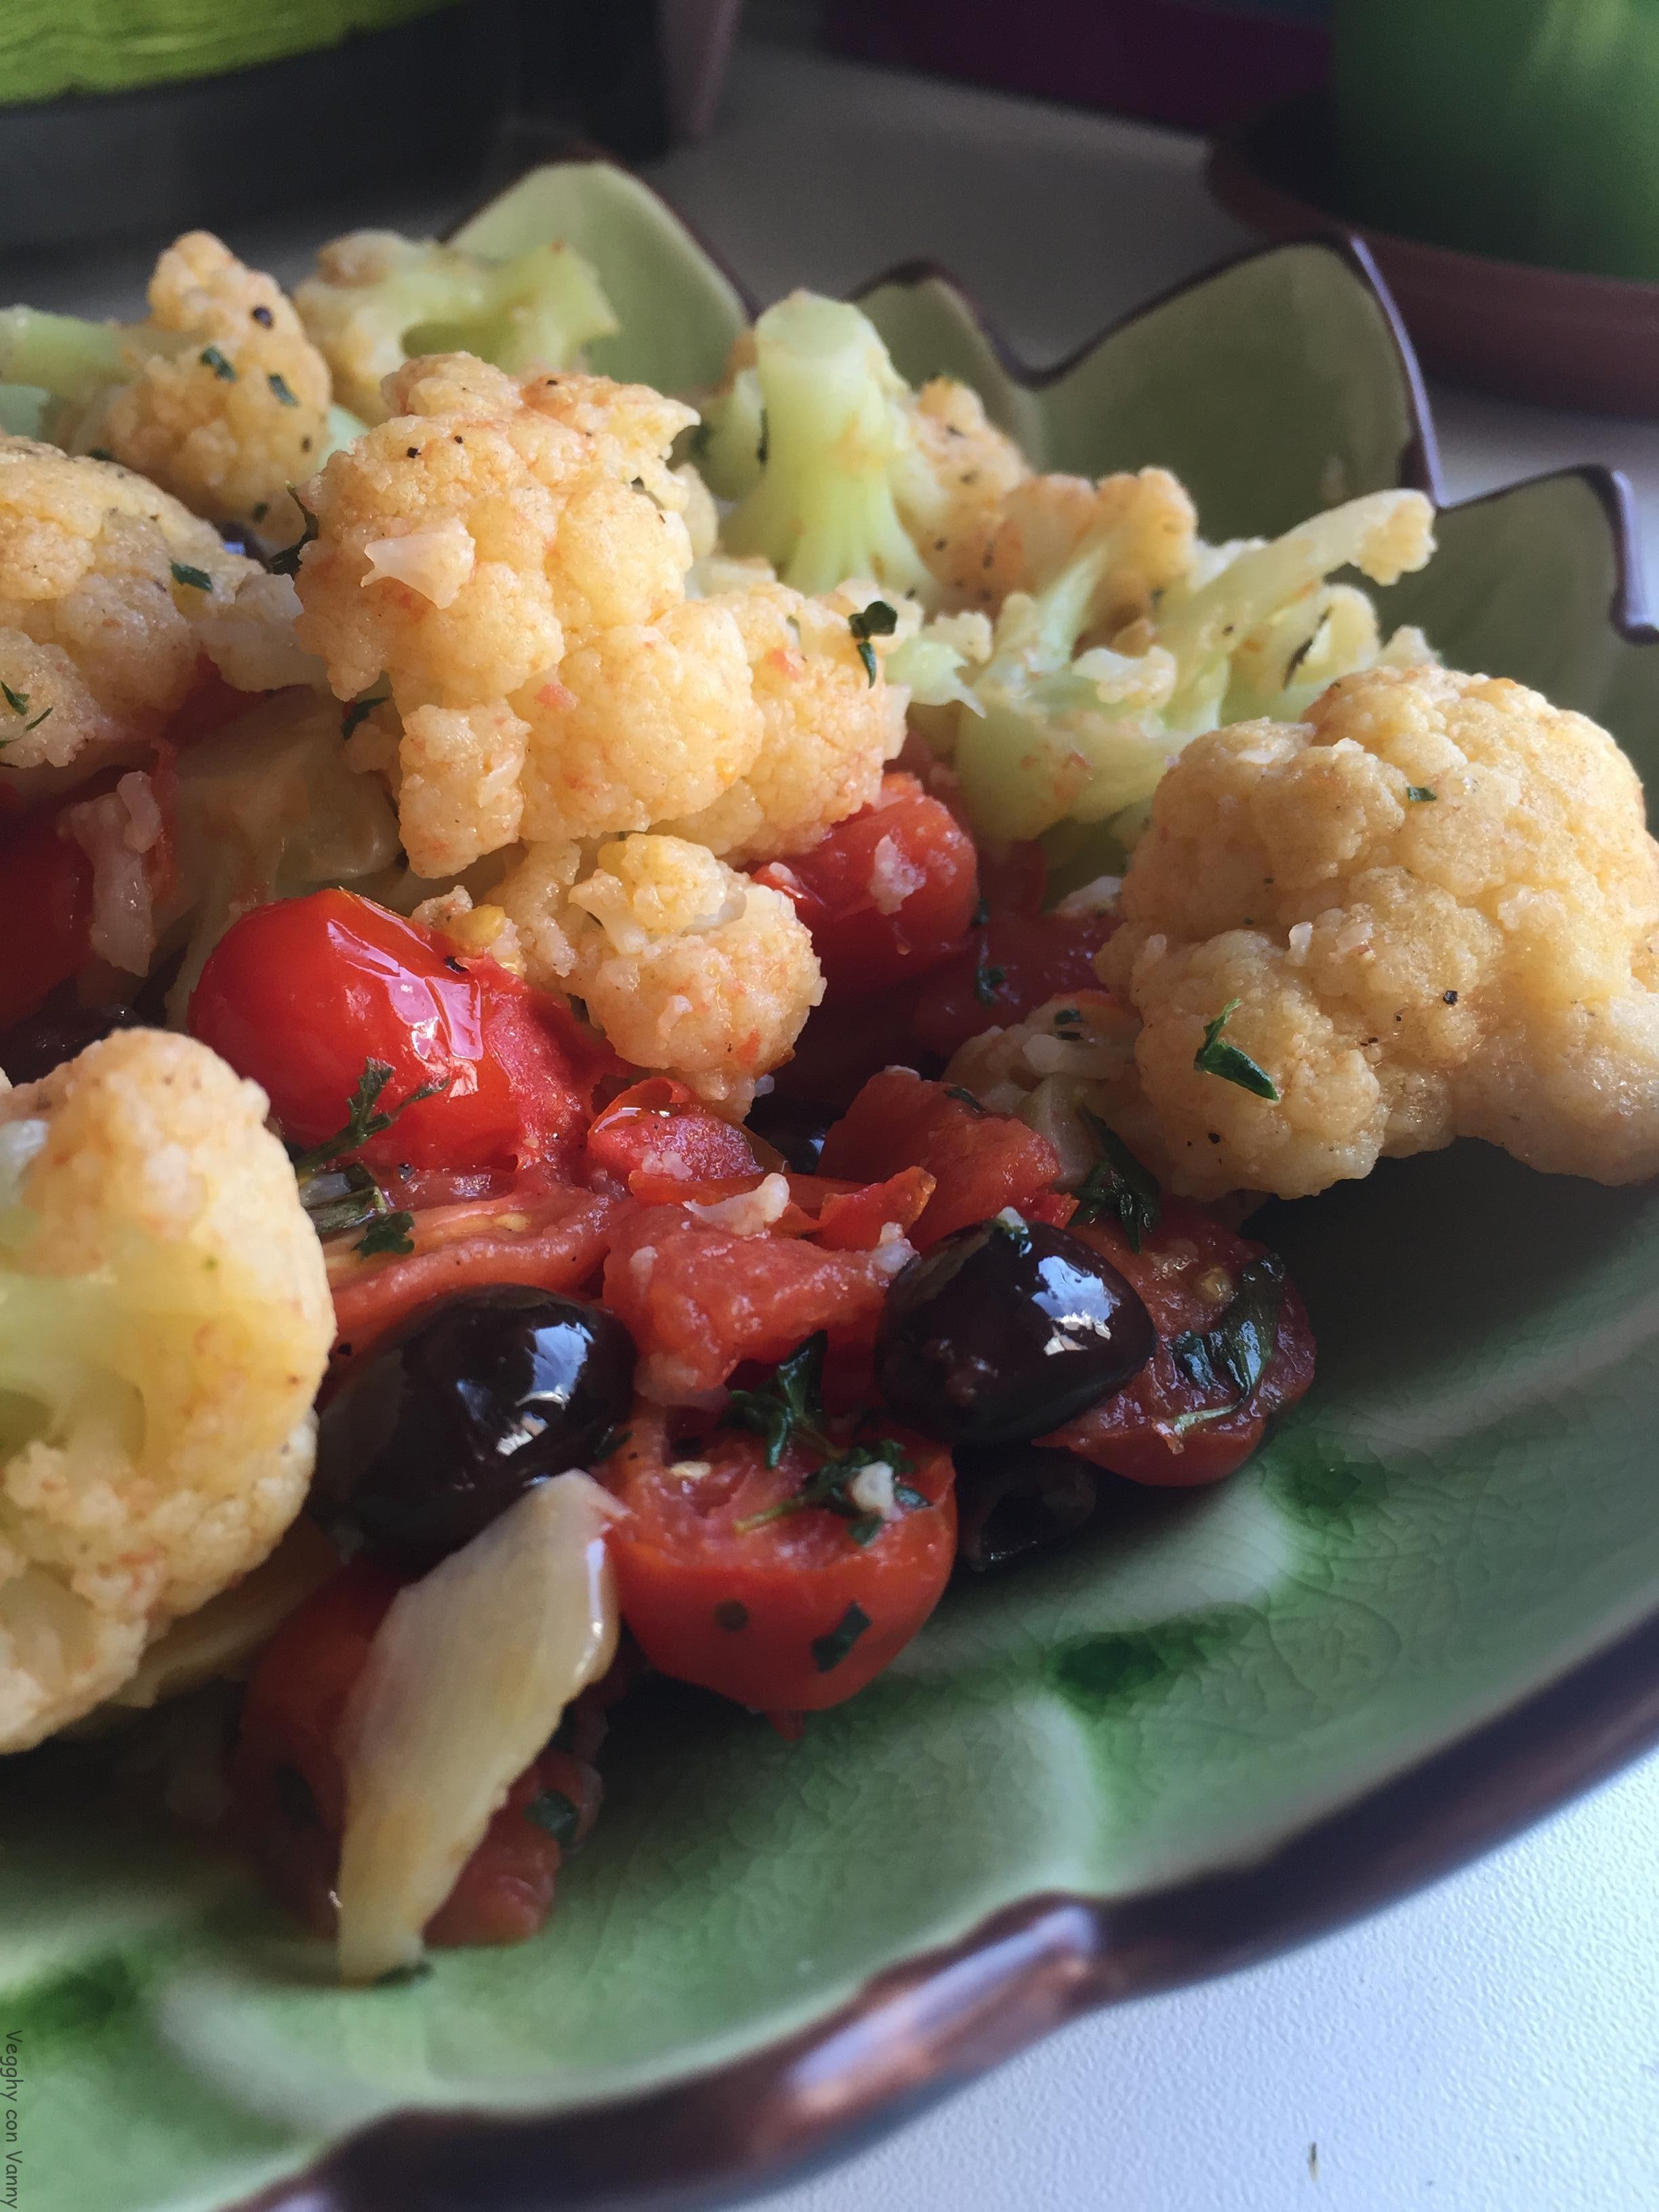 Cavolfiore con pomodorino oblungo e olive di leccino